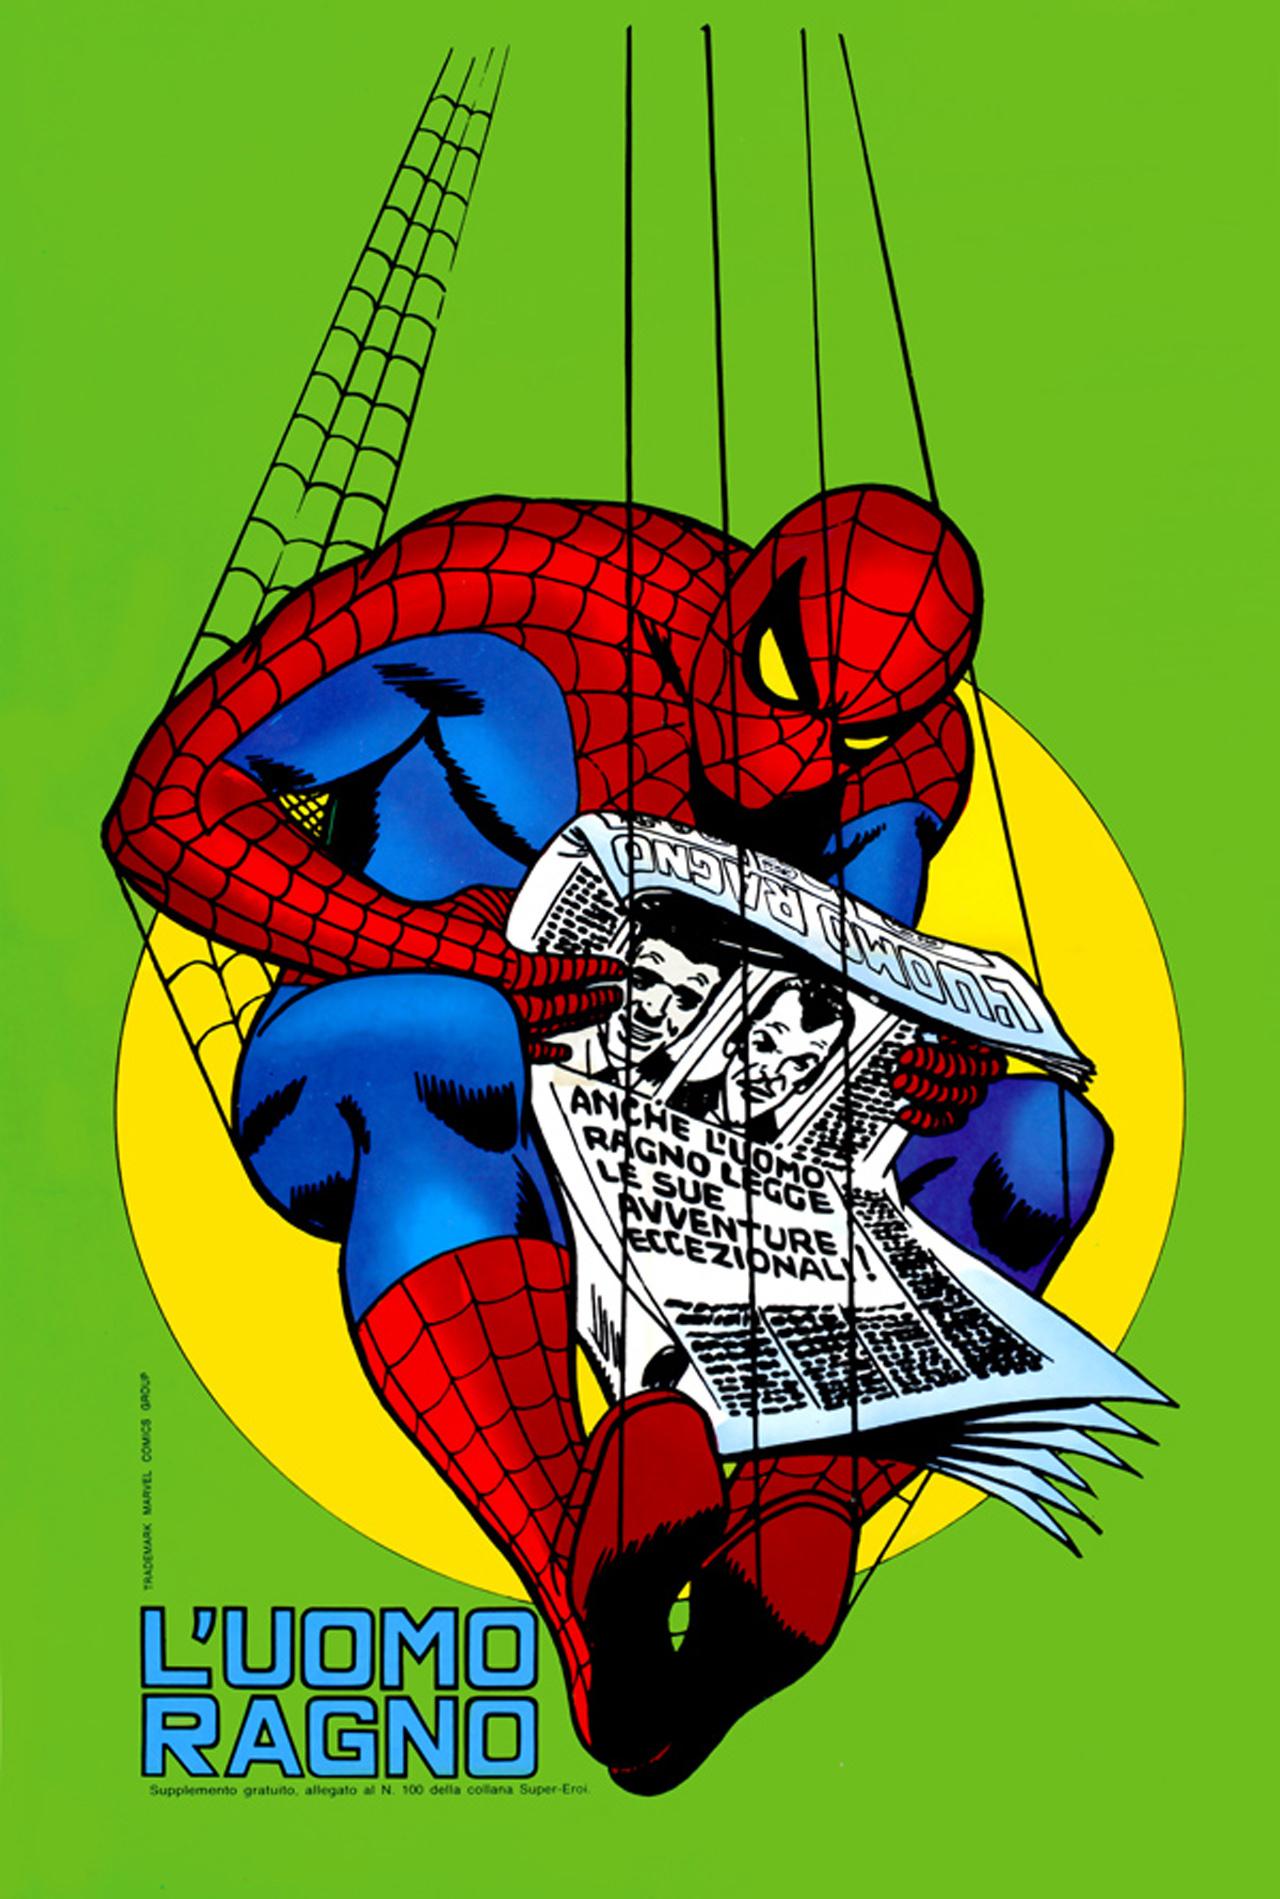 Romita spider man is best spider man l uomo ragno spider man